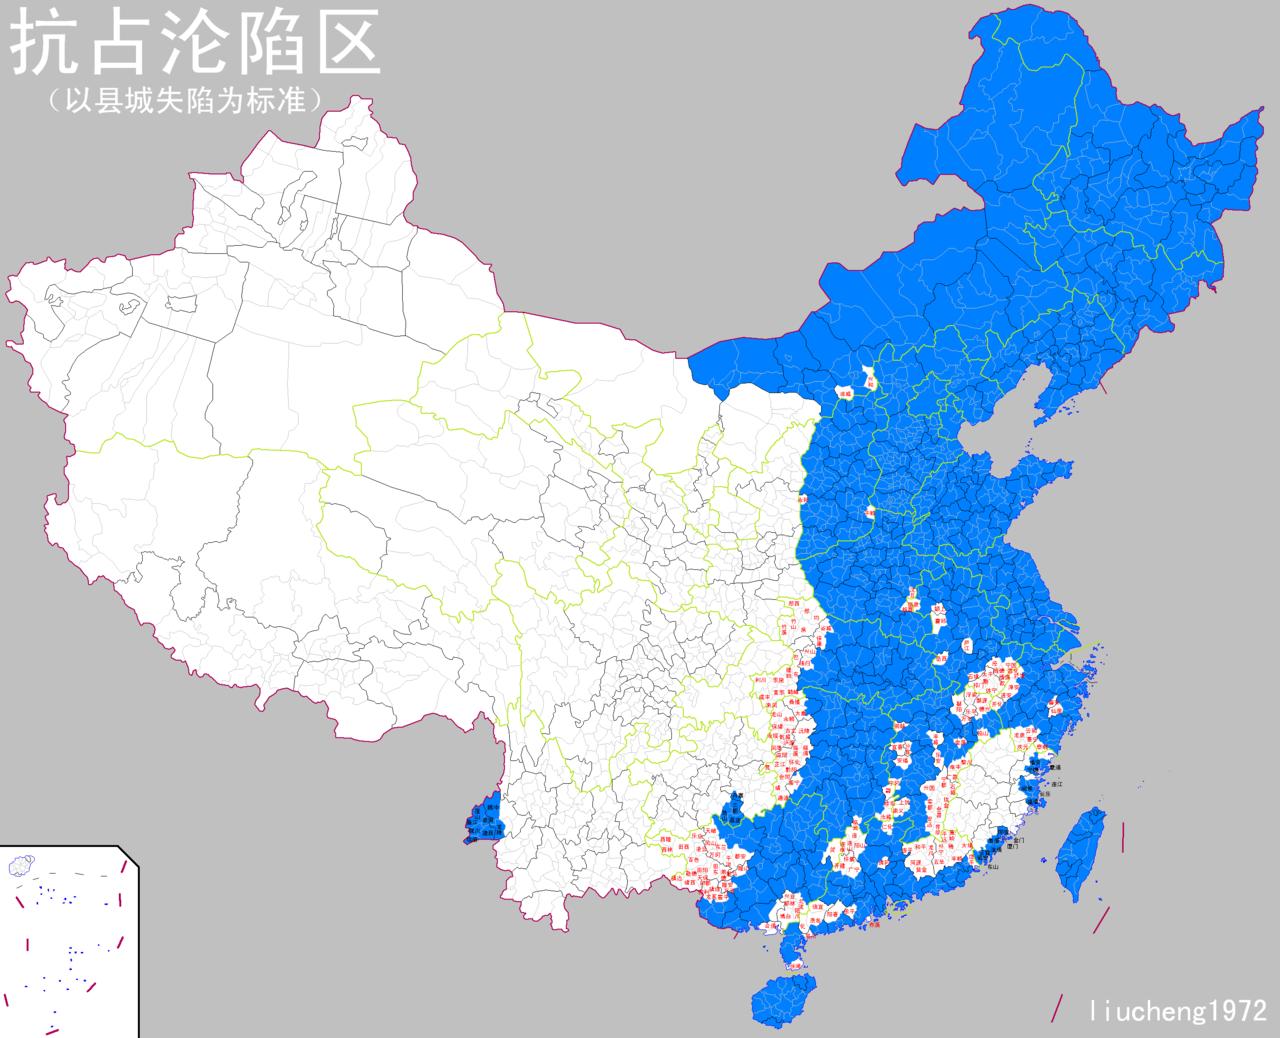 分别是:北平市,天津市,上海市,南京市,青岛市和重庆市.